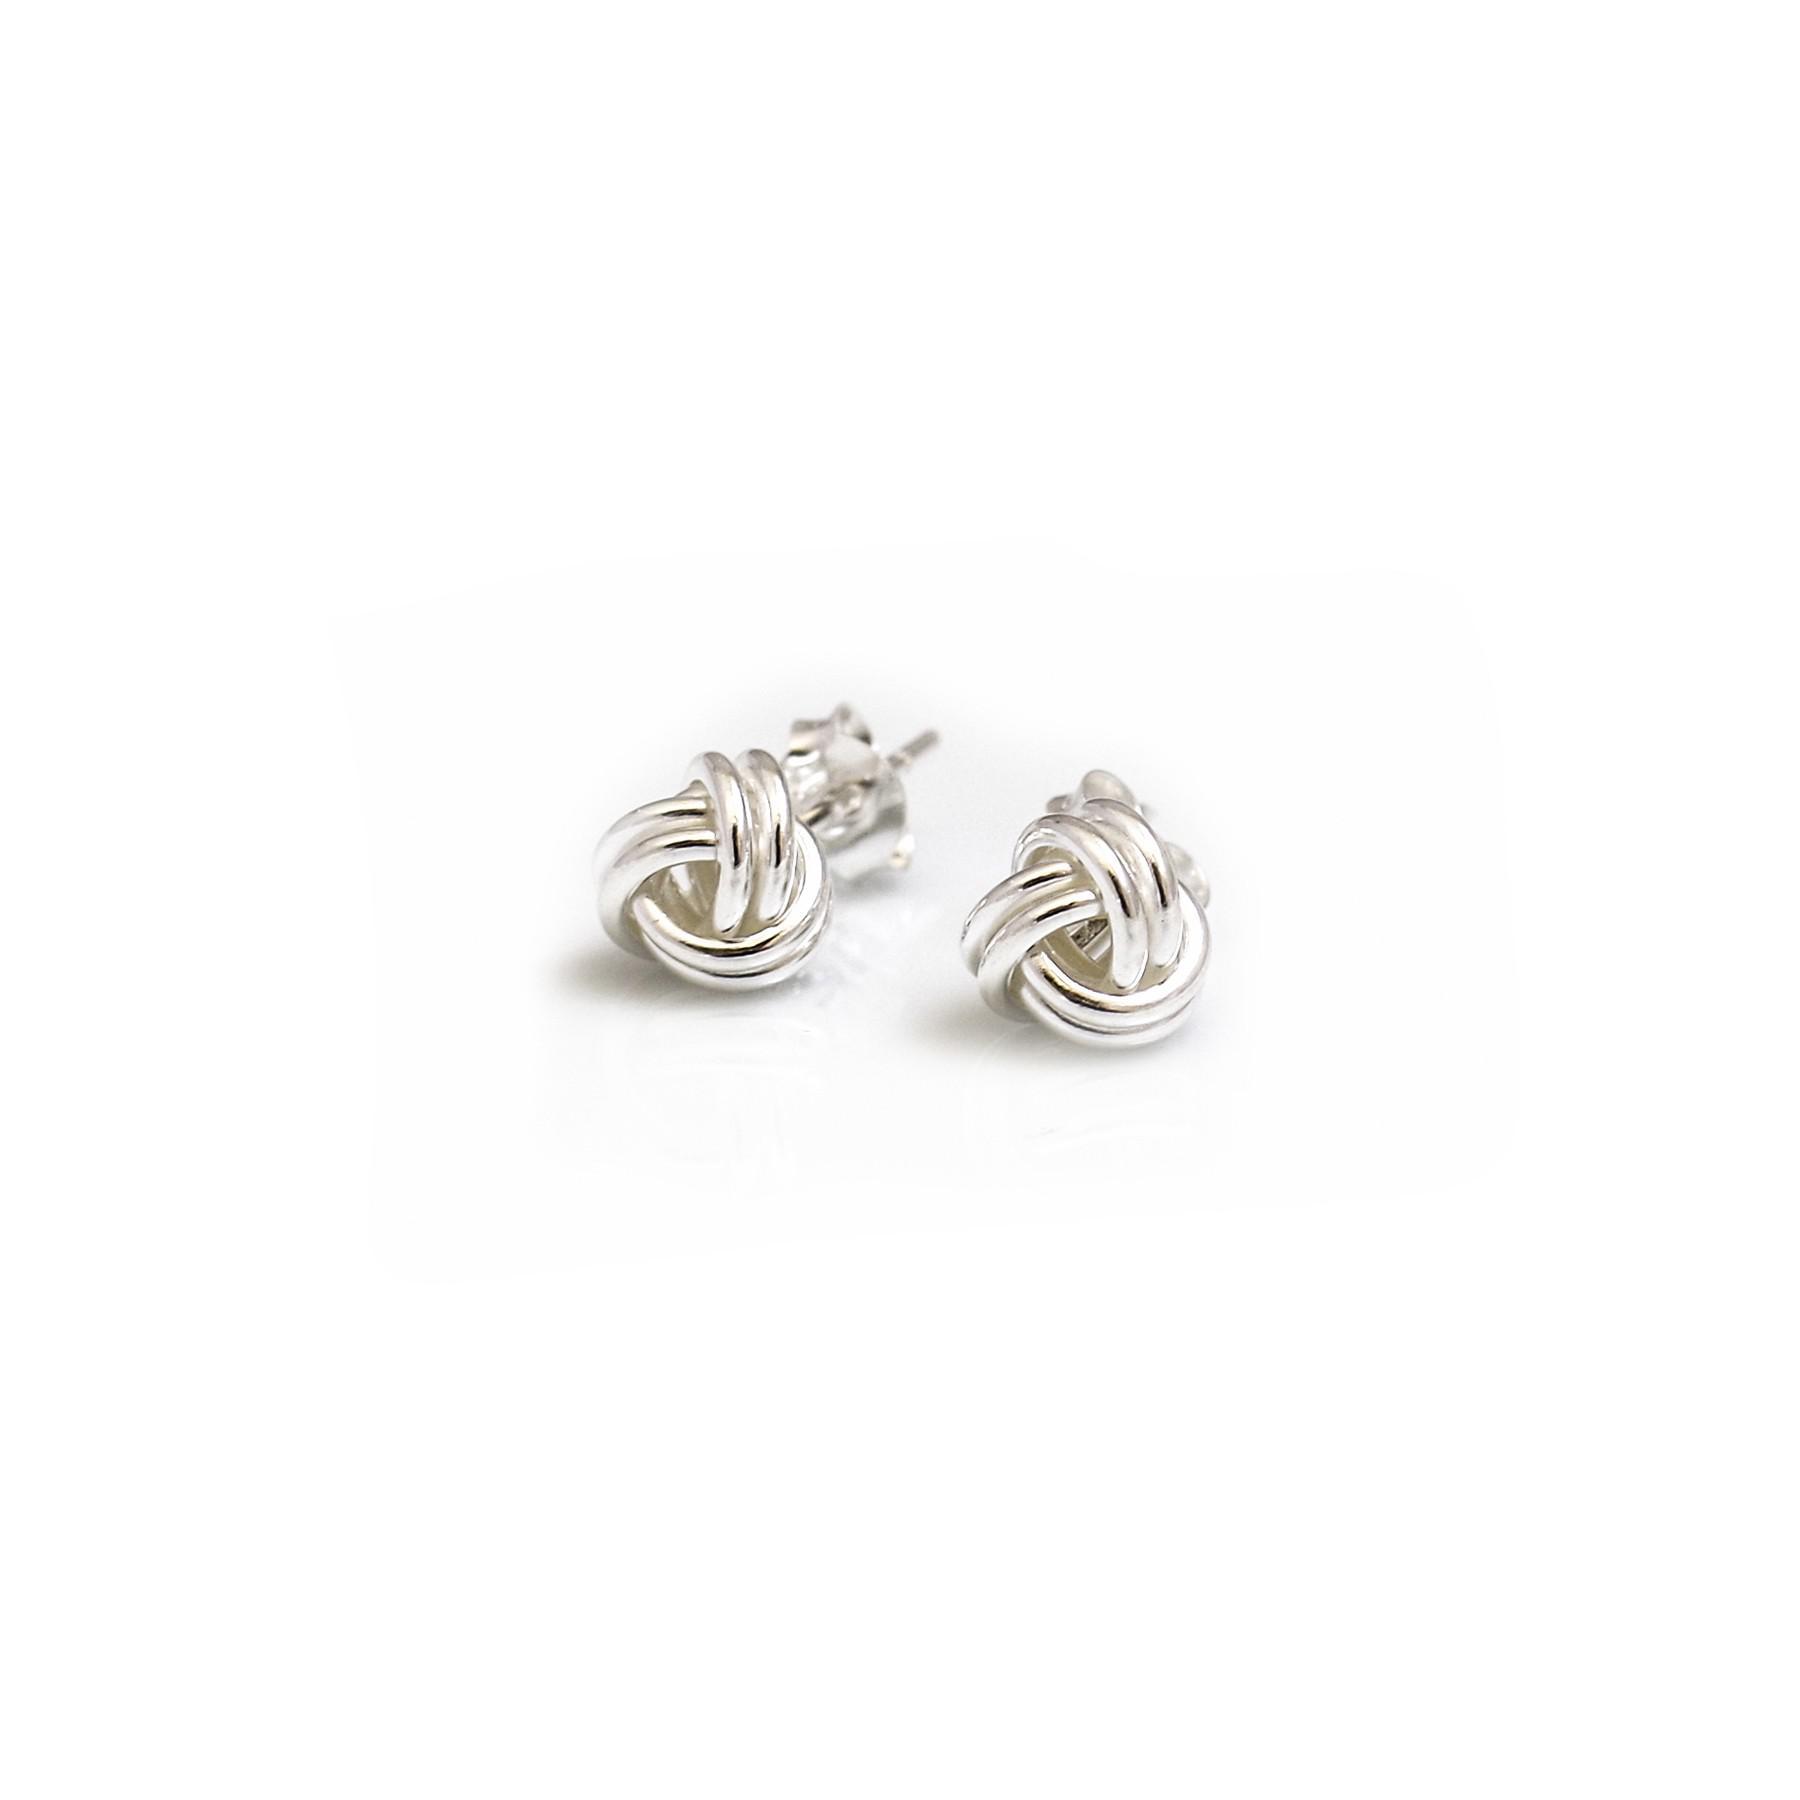 960d8d5eb Sterling Silver Knot Stud Earrings. Loading zoom